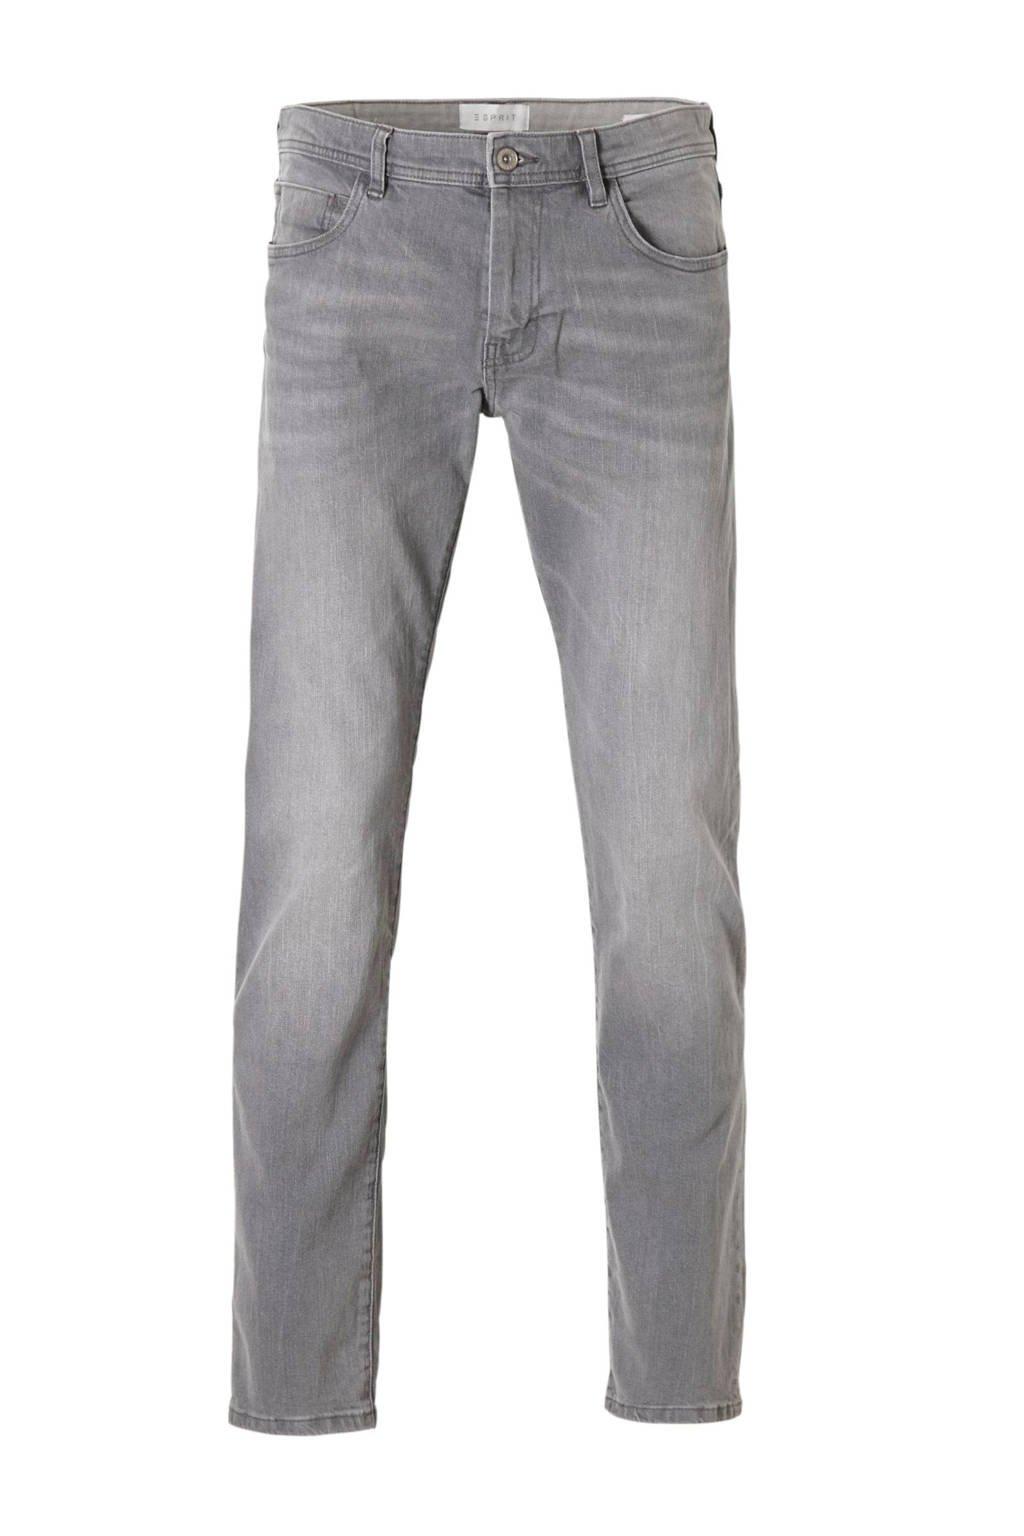 ESPRIT Men Casual straight fit jeans, Grijs